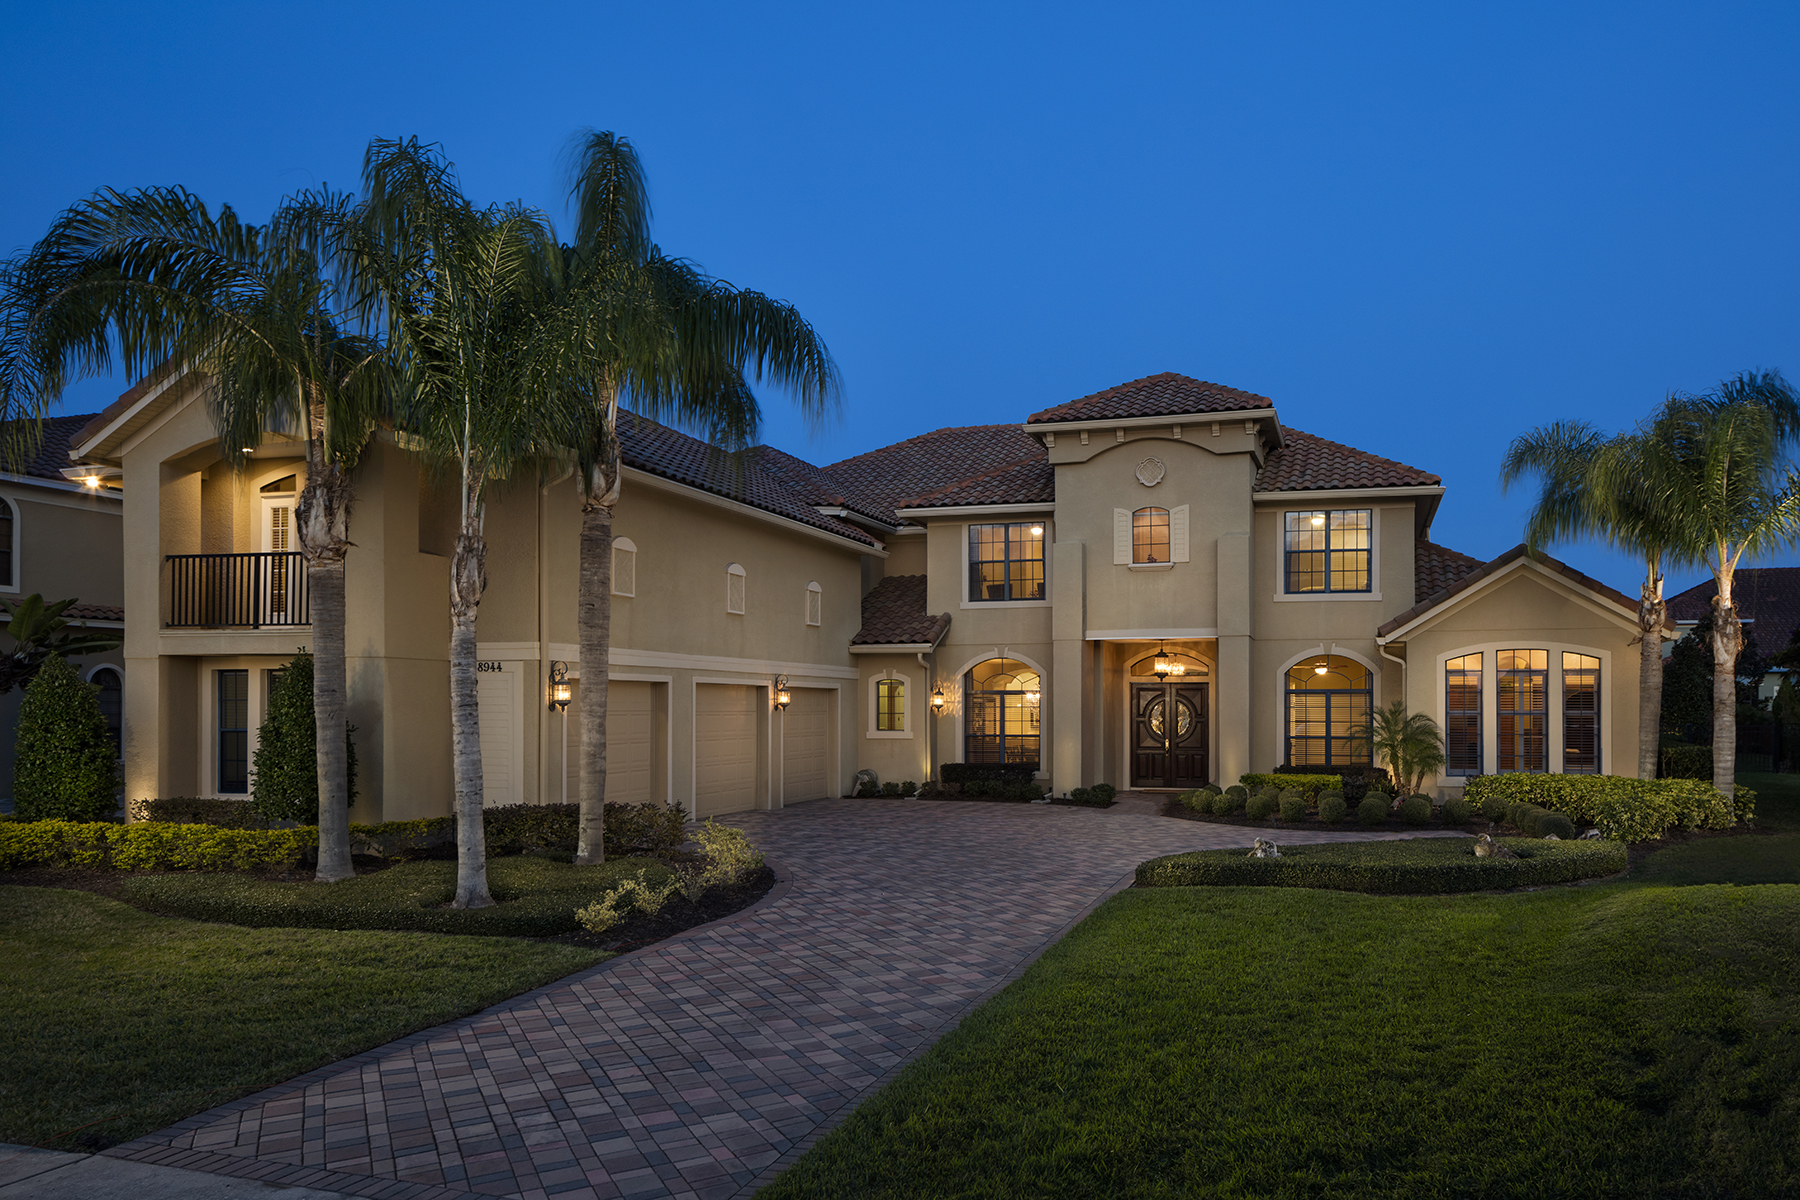 独户住宅 为 销售 在 8944 Grey Hawk Pt , Orlando, FL 32836 8944 Grey Hawk Pt 奥兰多, 佛罗里达州, 32836 美国